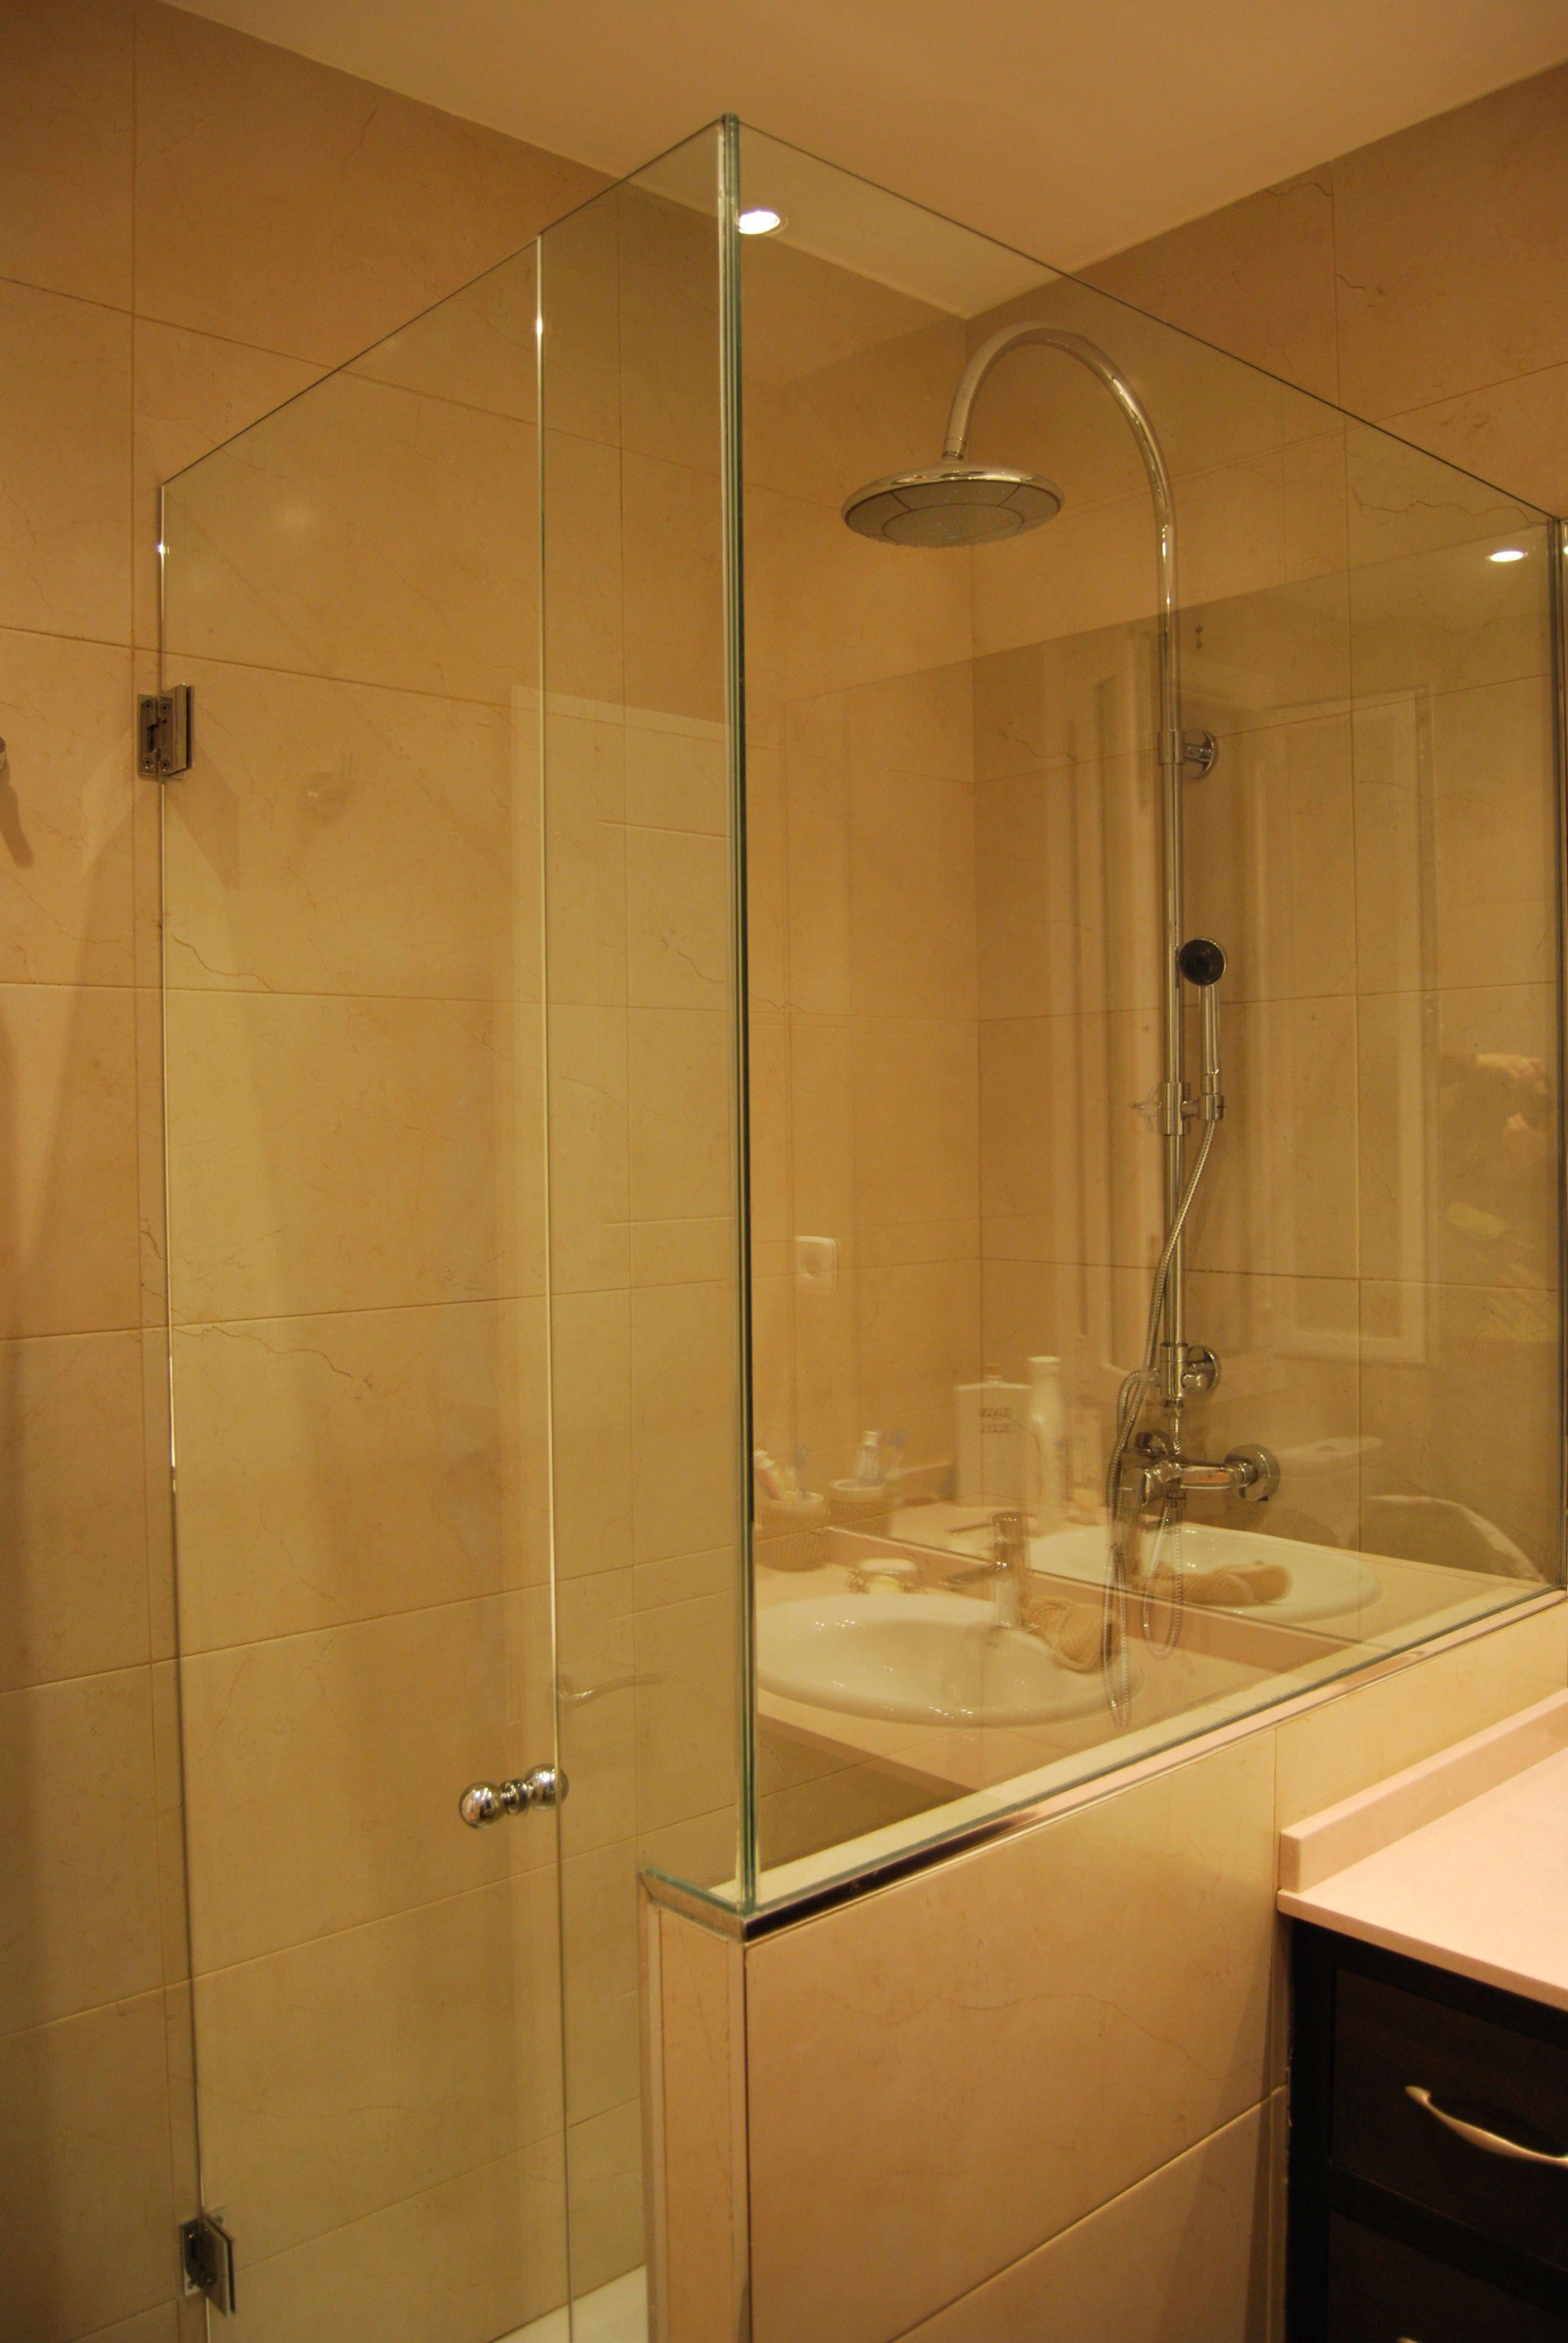 Mamparas De Bano Madrid.Mamparas De Ducha En Madrid Ducha2 En 2019 Bathroom Lighting